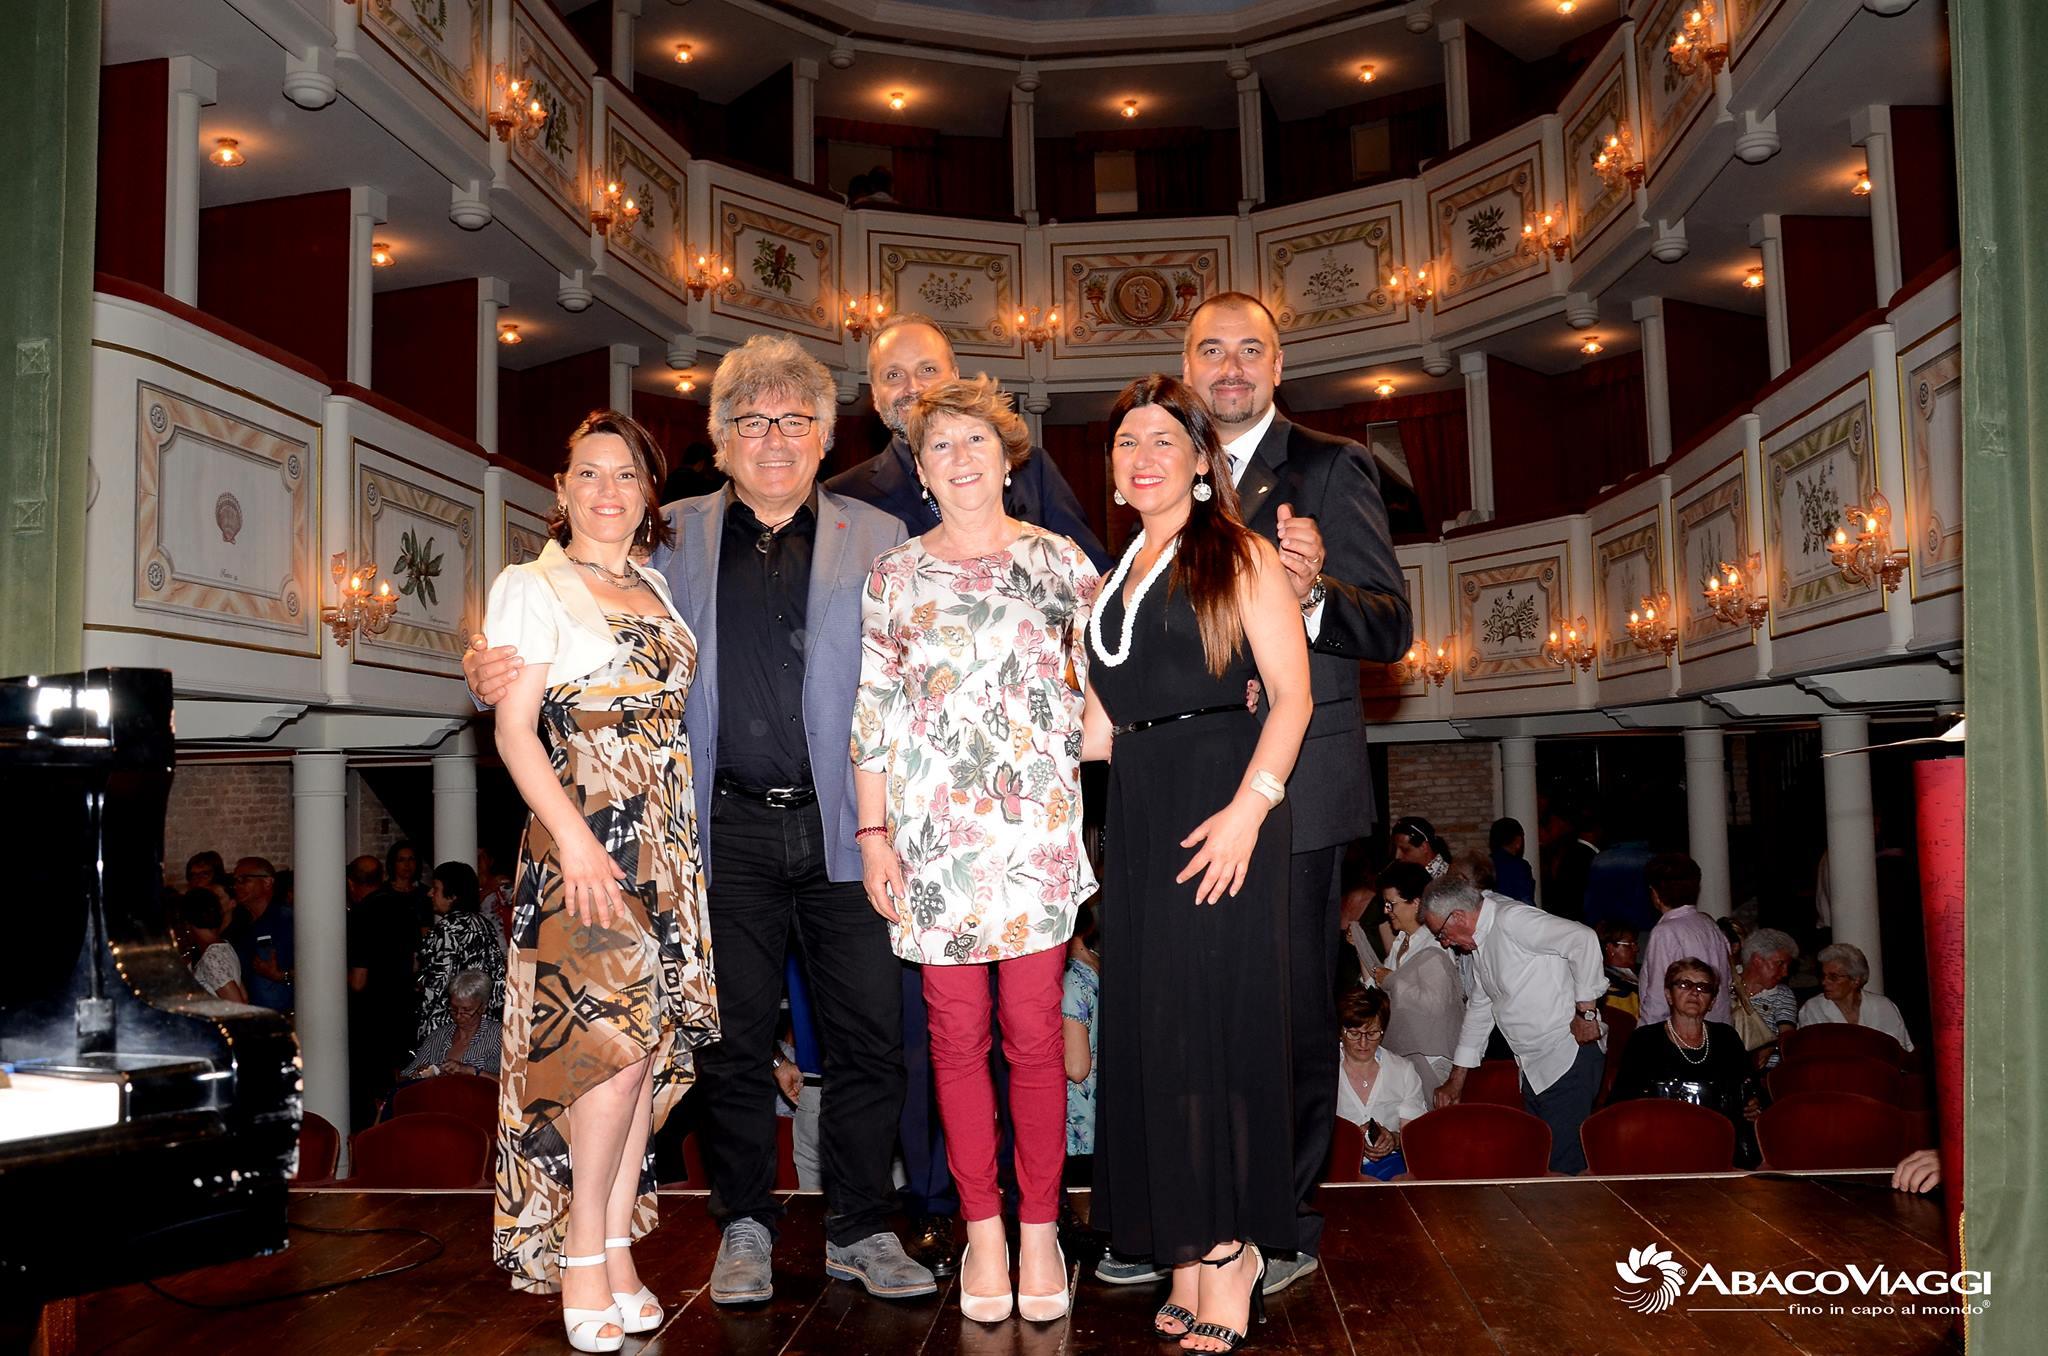 Teatro Arrigoni di San Vito T (Pn) – 8 giugno 2018